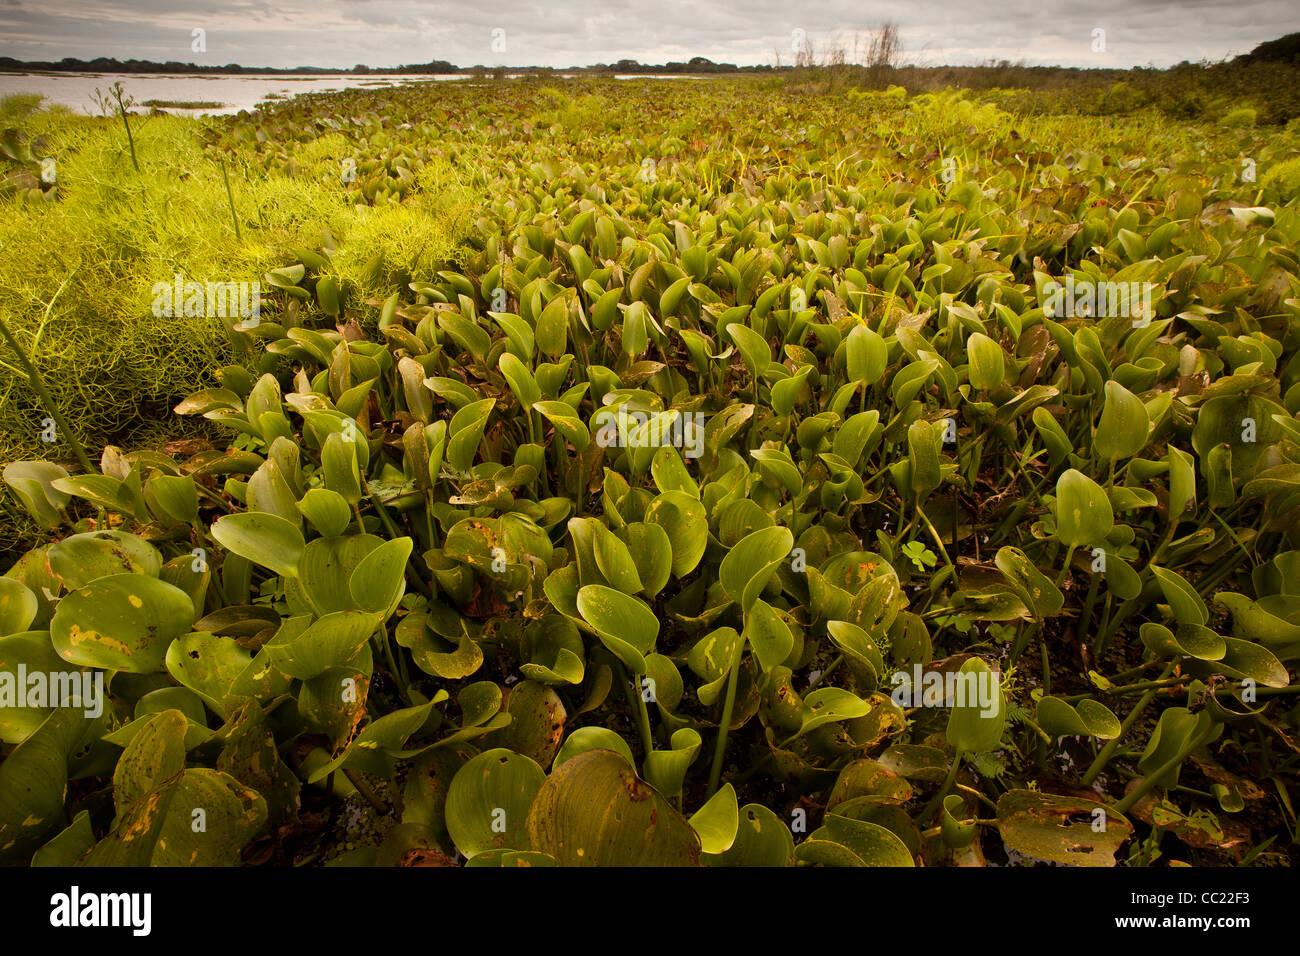 Water plants in Refugio de vida Silvestre Cienaga las Macanas, protected wetlands, in Herrera province, Republic - Stock Image